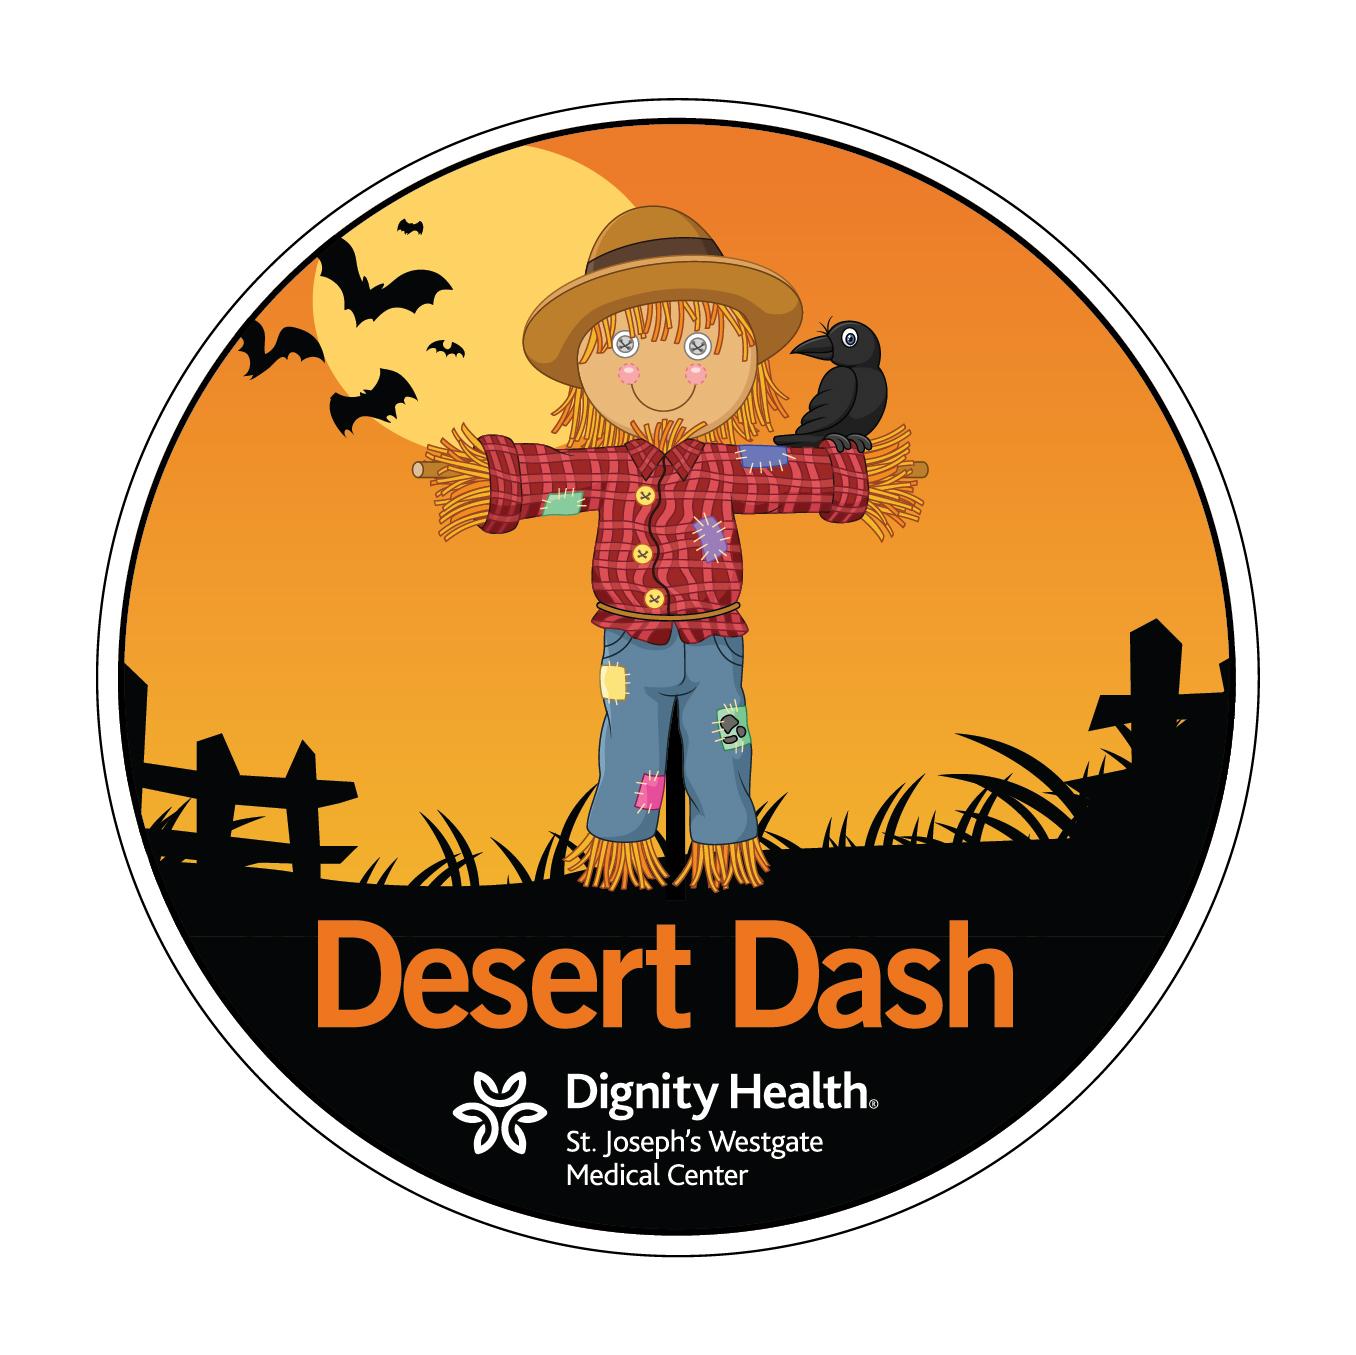 desert dash logo 2018